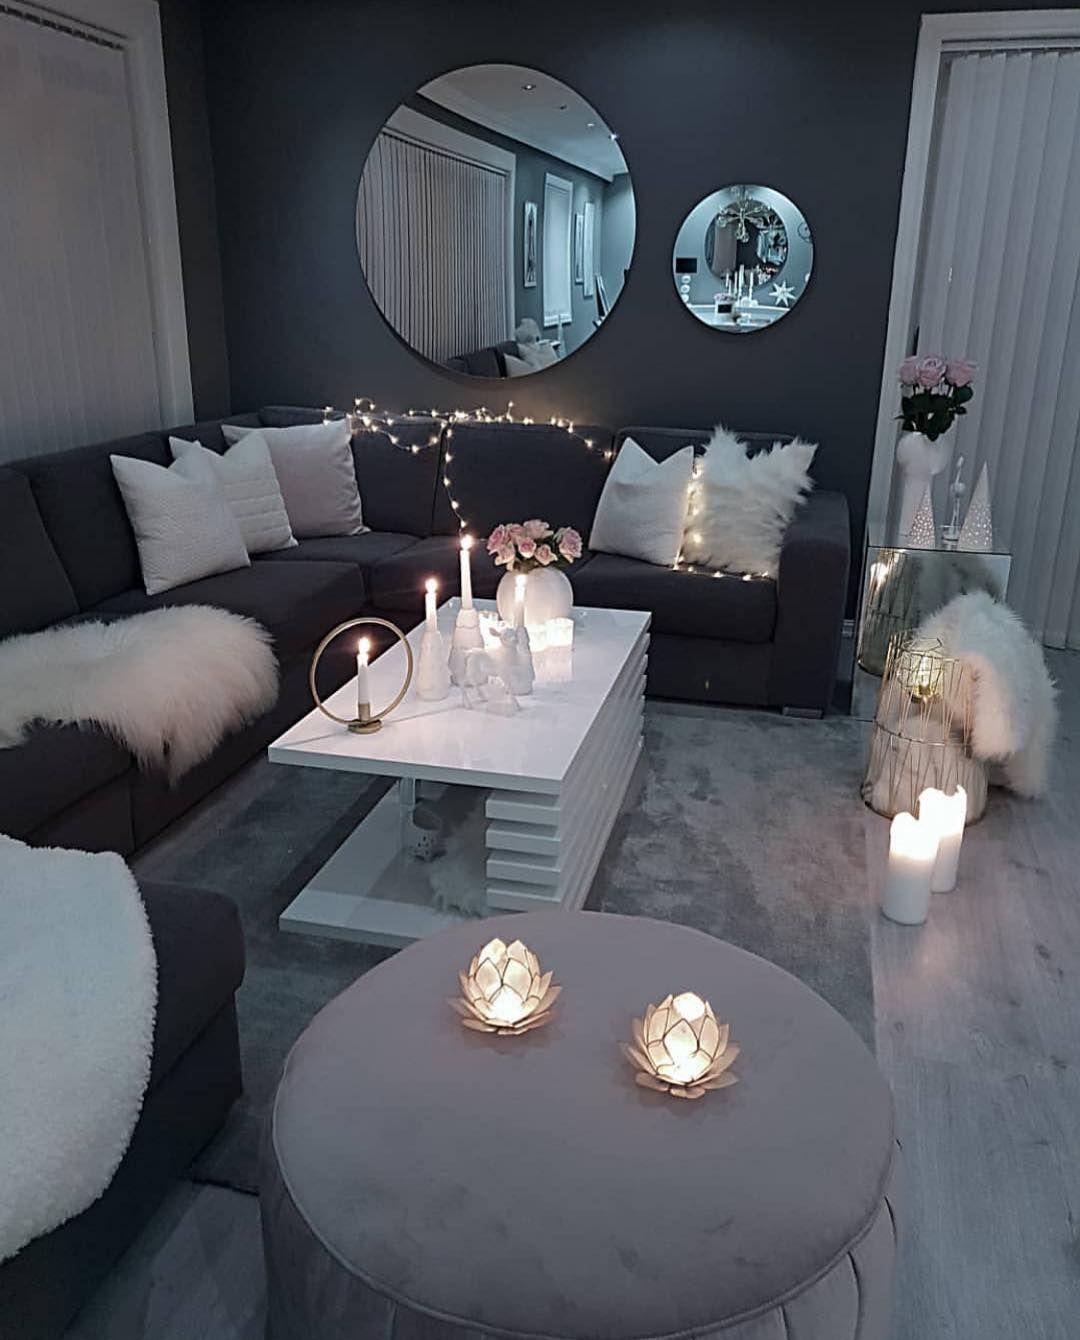 """Interior & Decor Inspiration on Instagram: """"Cozy candle lights 🕯✨ Tag a friend for inspo! 🌸 Credit: @merals_home 💫 ▫️ ▫️ ▫️ ▫️ ▫️ #classyinteriors #interiordesign #homedecor…"""" #candle #classyinteriors #Cozy #Credit #Decor #decoration for bedroom #dekoration wohnung #friend #homedecor #inspiration #inspo #Instagram #interior #interiordesign #kitchen #küche #Lights #meralshome #room decoration #Tag #wohnung dekorieren #wohnung einrichten #wohnzimmer ideen"""